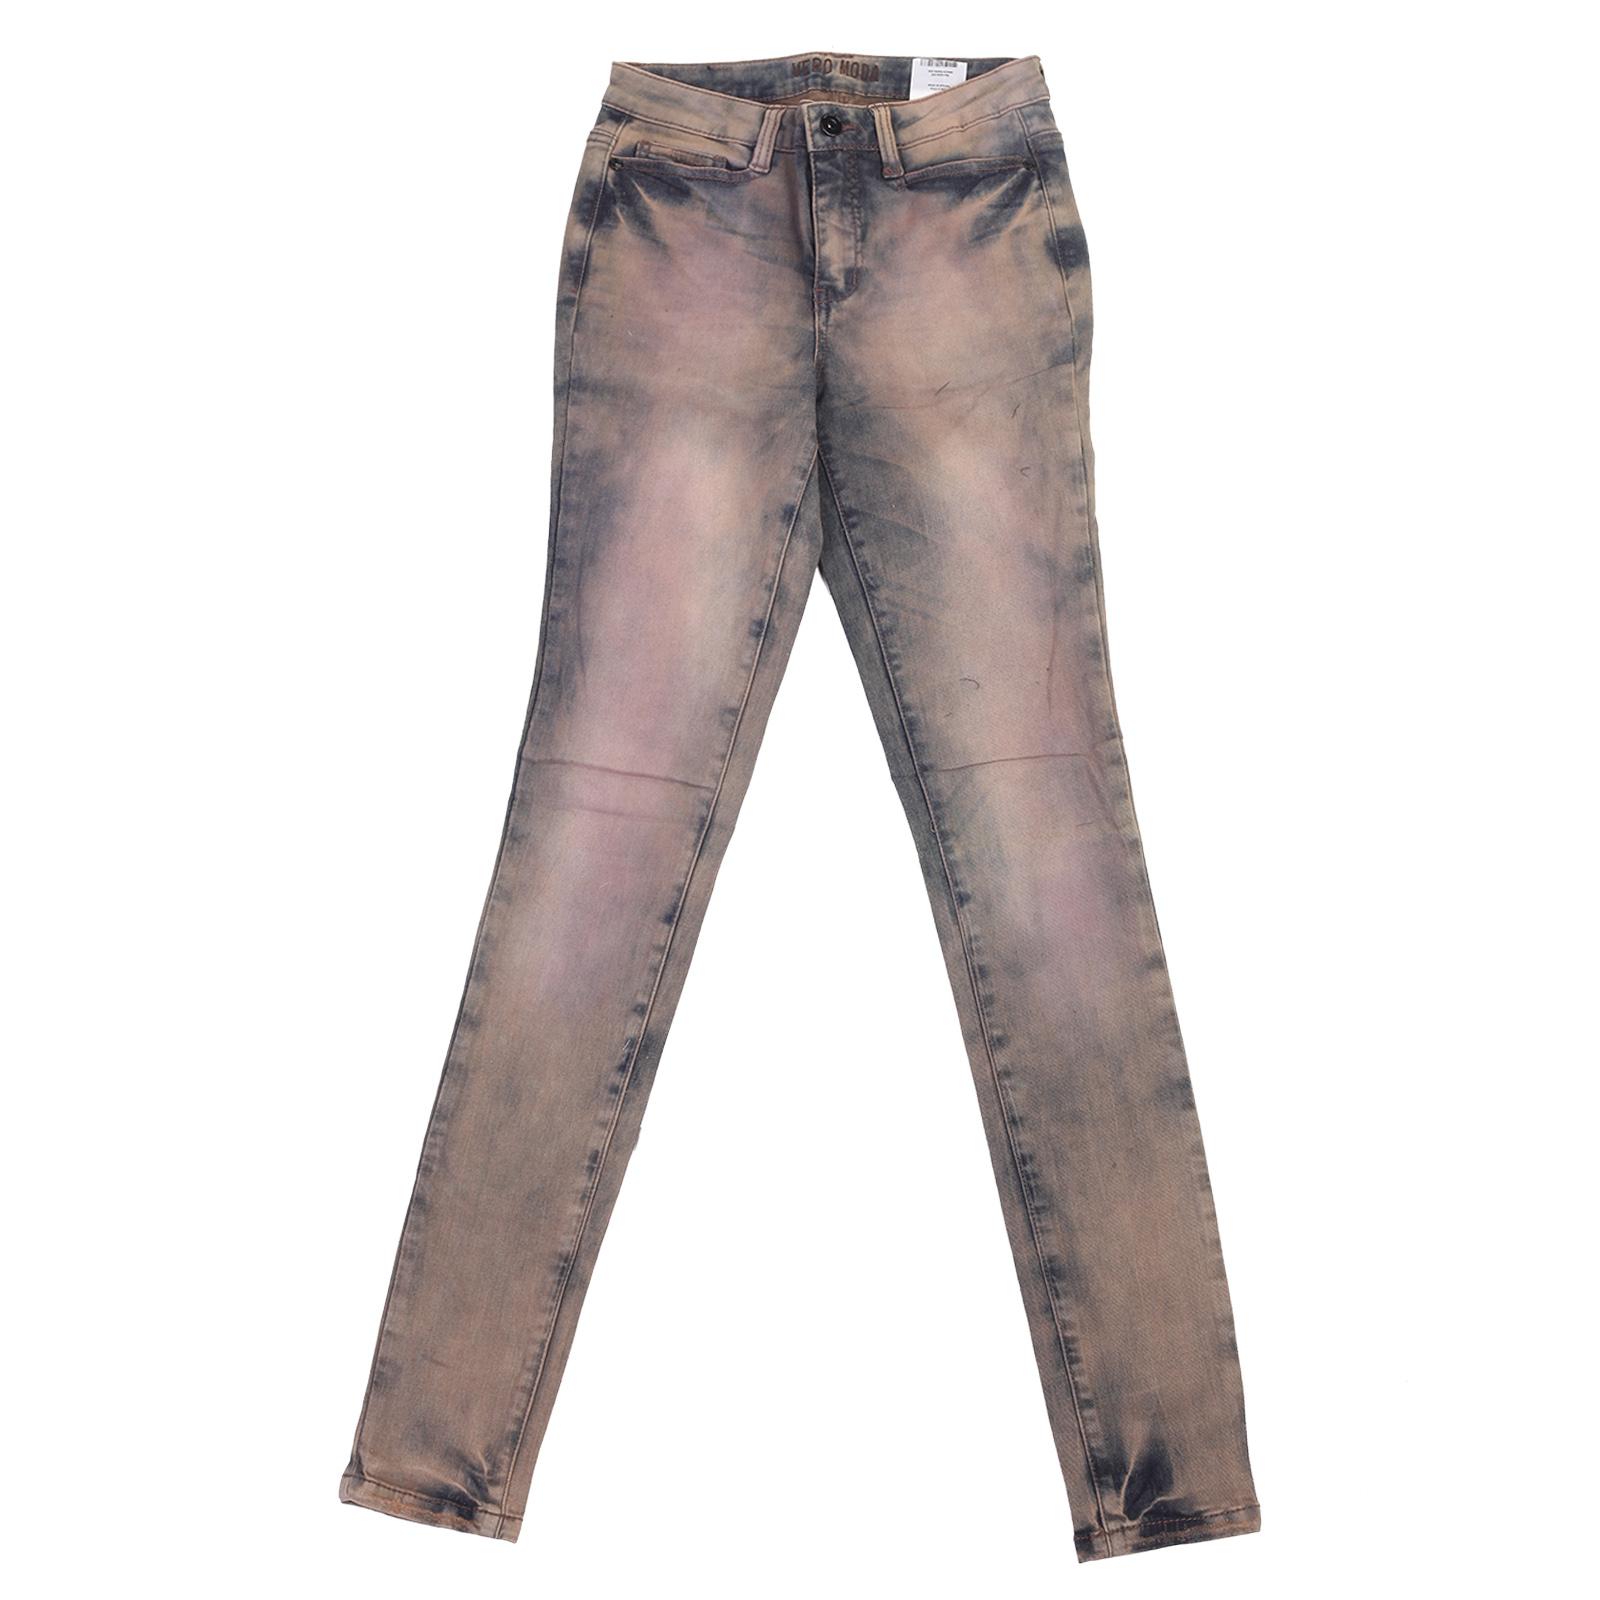 Женские джинсы skinny из новой коллекции Vero Moda.